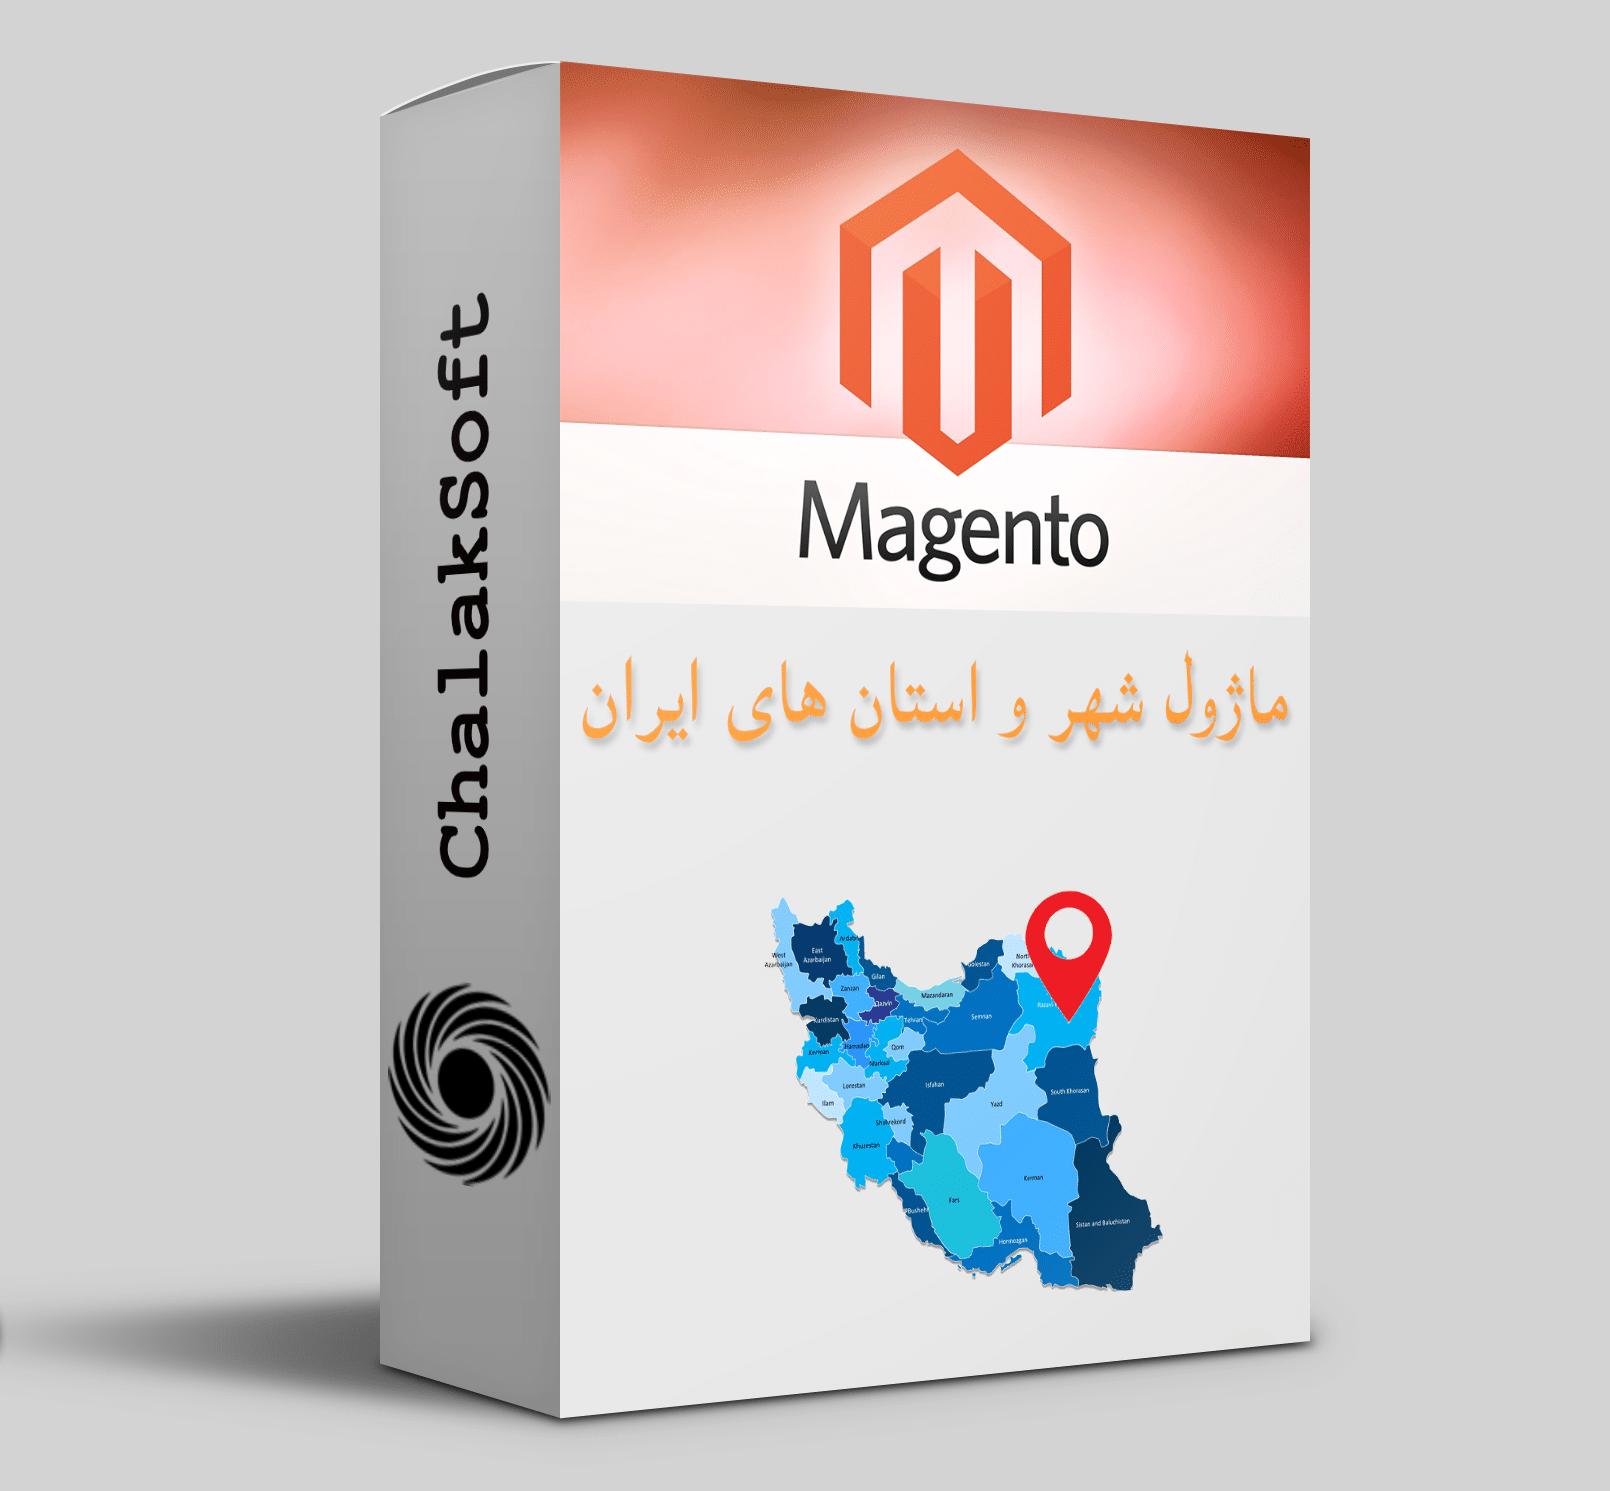 ماژول شهر و استان های ایران